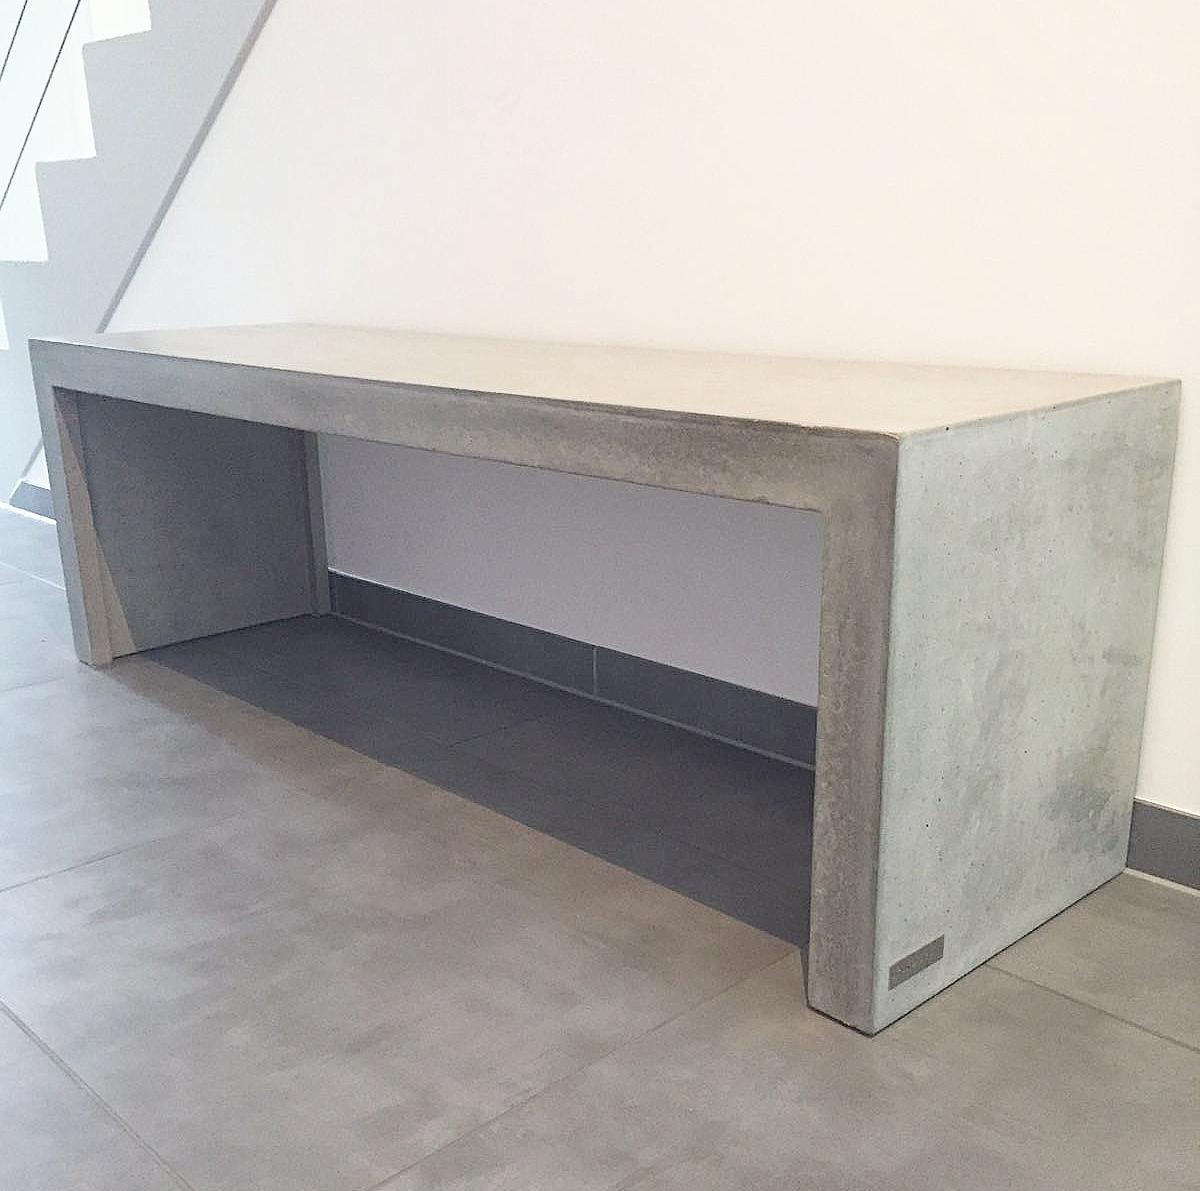 Bevorzugt Welchen Beton kann ich zur Herstellung von Betonmöbeln verwenden BD66